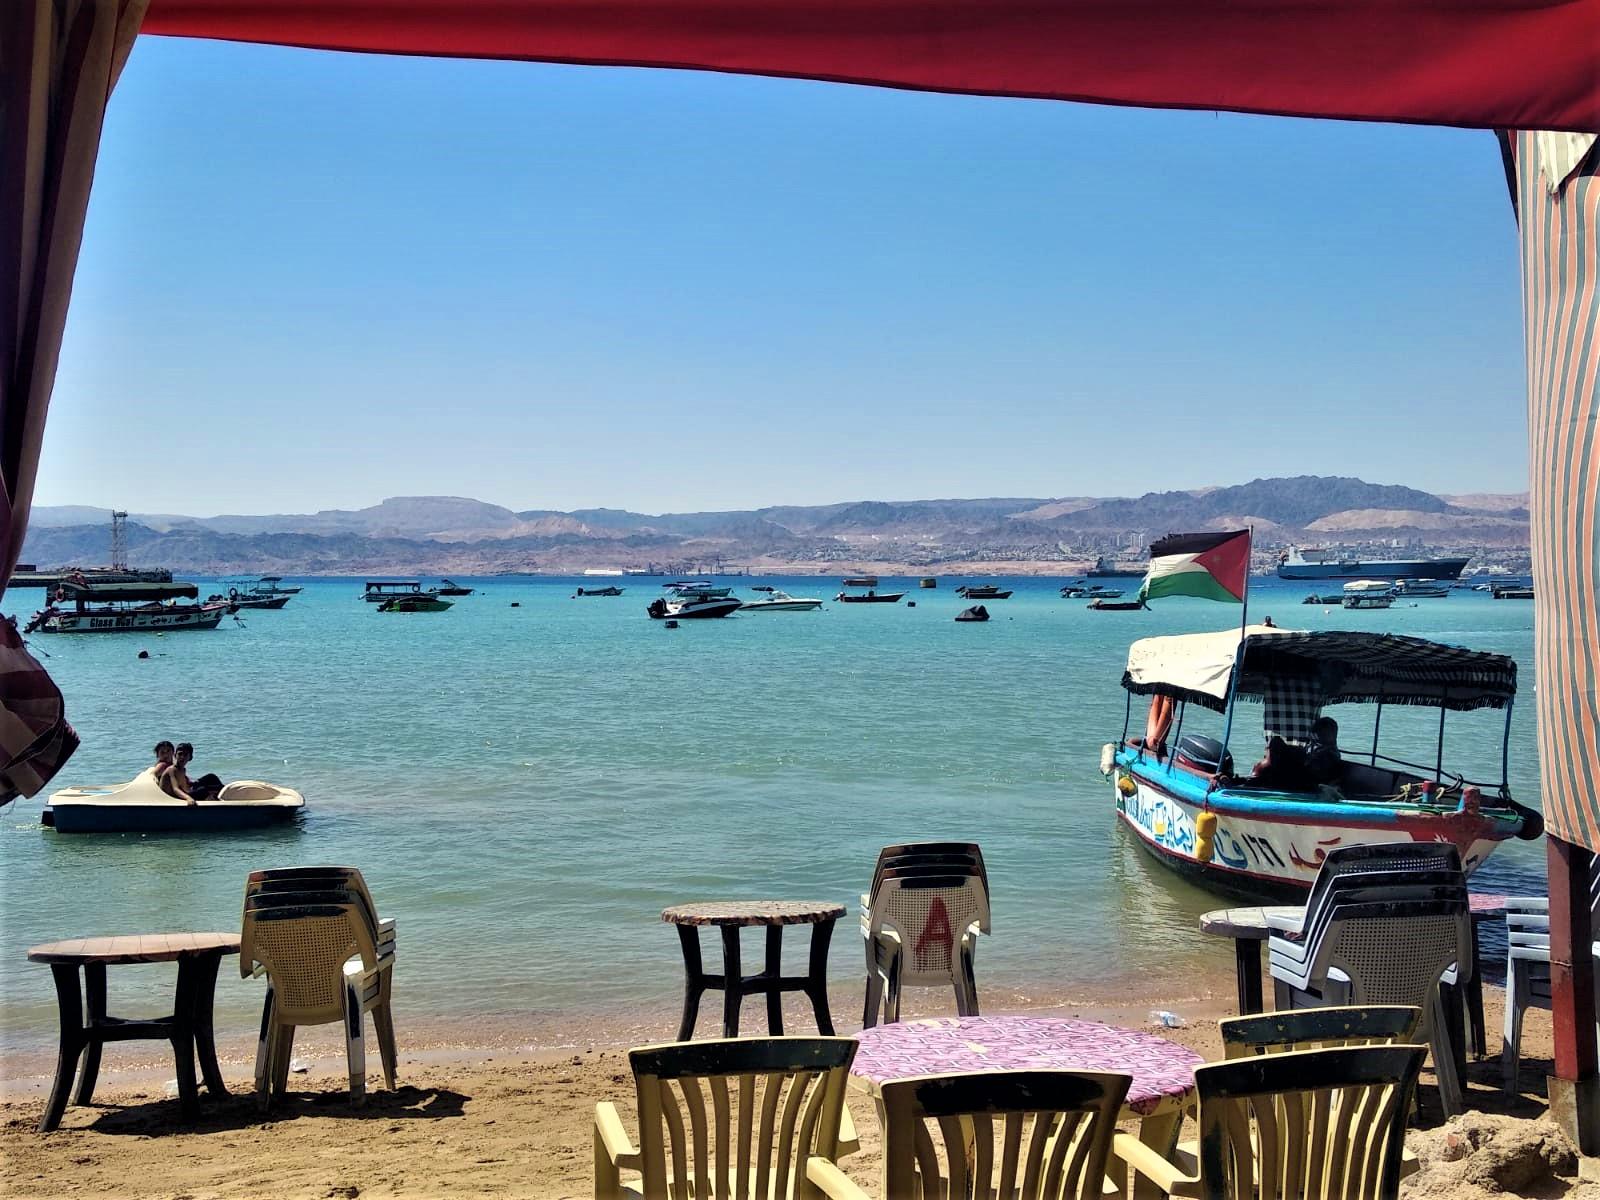 Snorkel gratis en el Mar Rojo, Áqaba (Jordania)